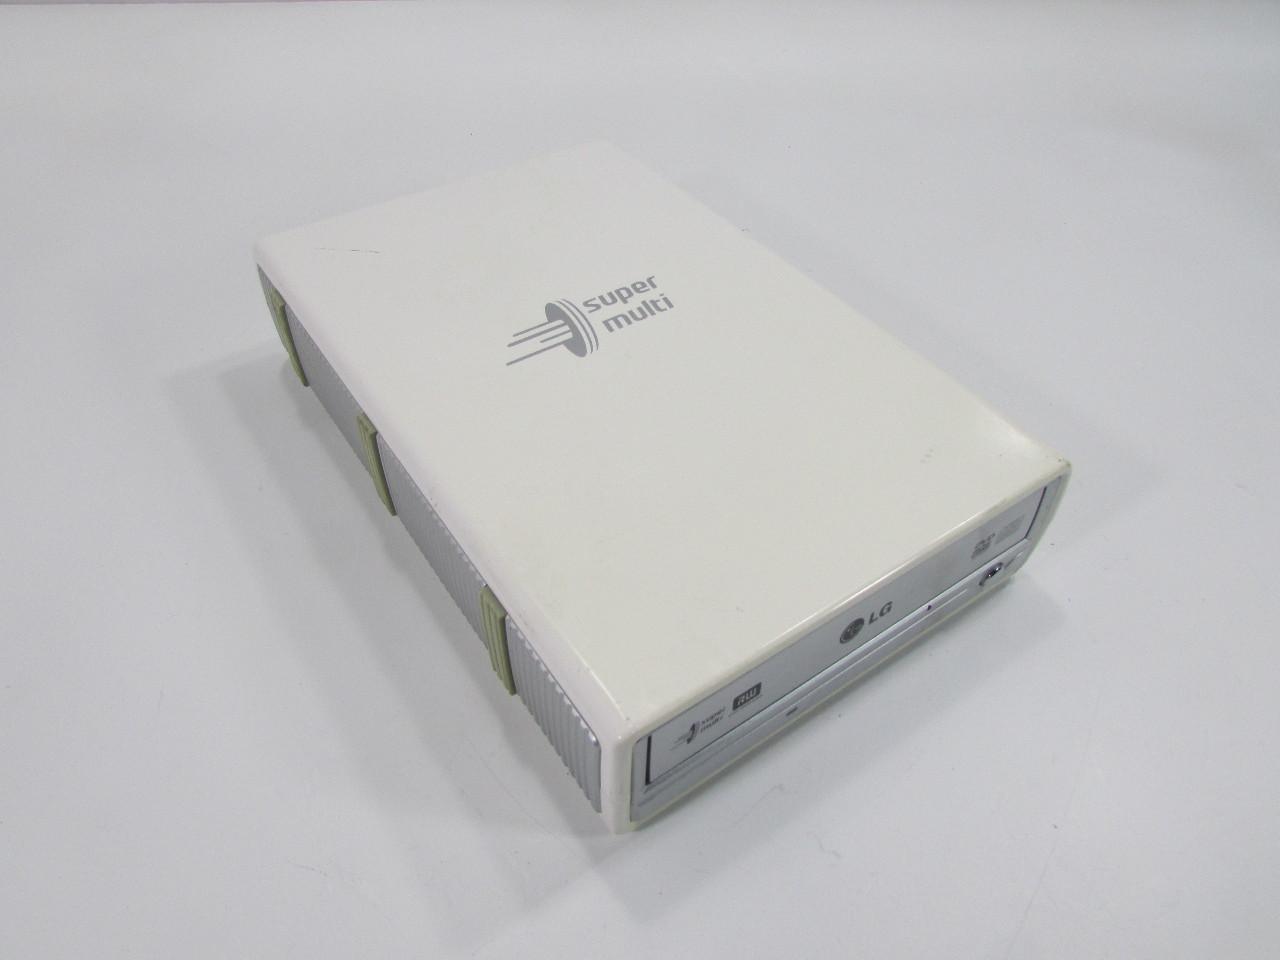 GSA-5163D Support